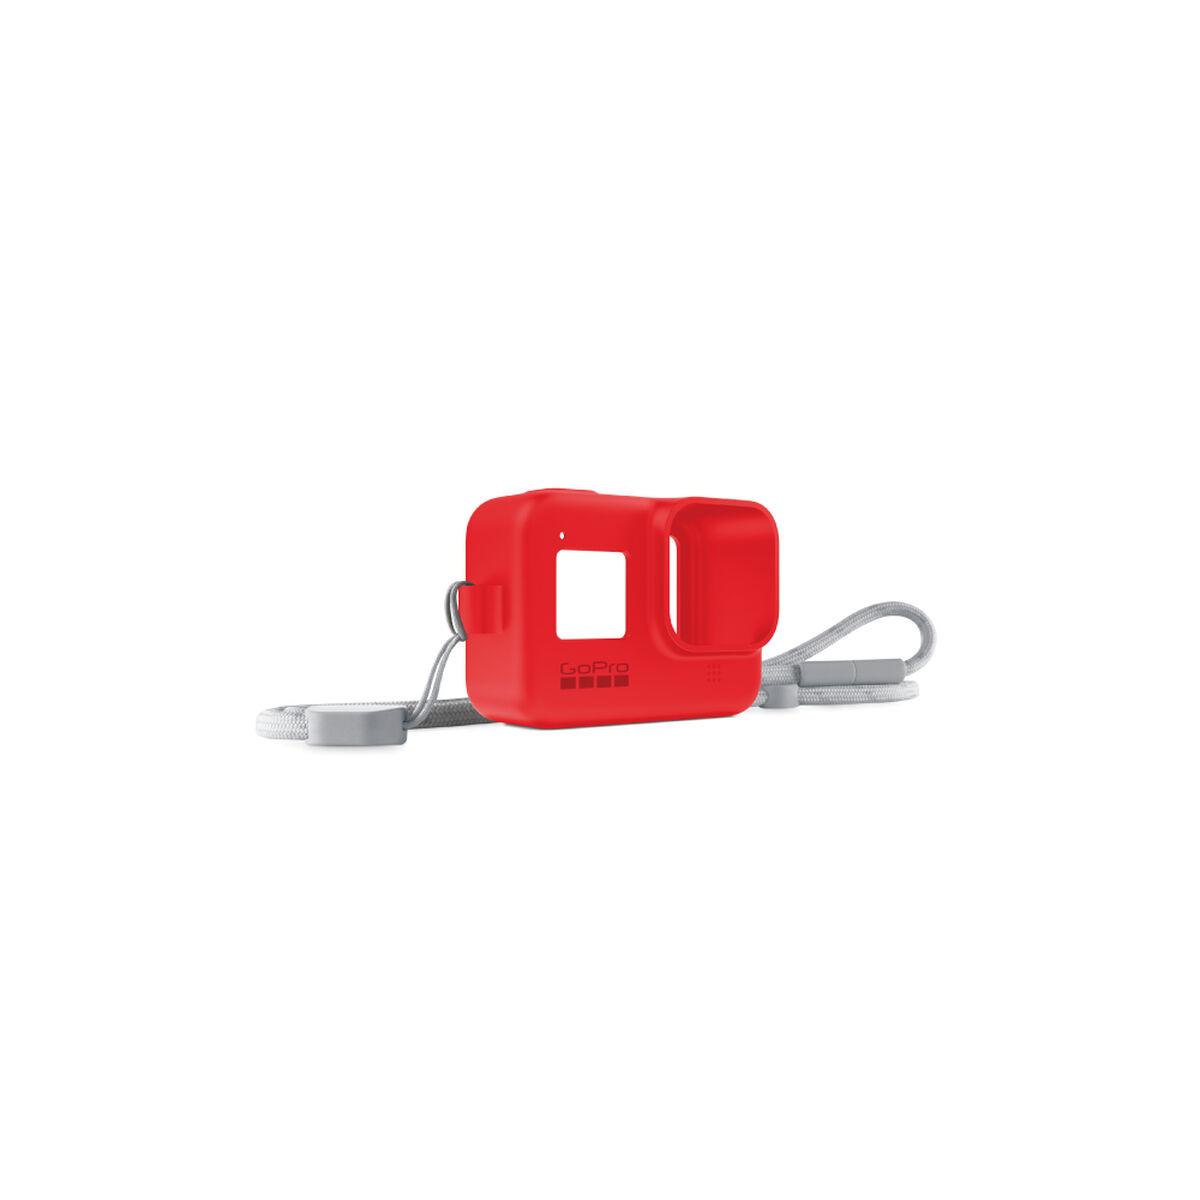 Funda de Silicona + Cordón Rosso Corsa para GoPro HERO8